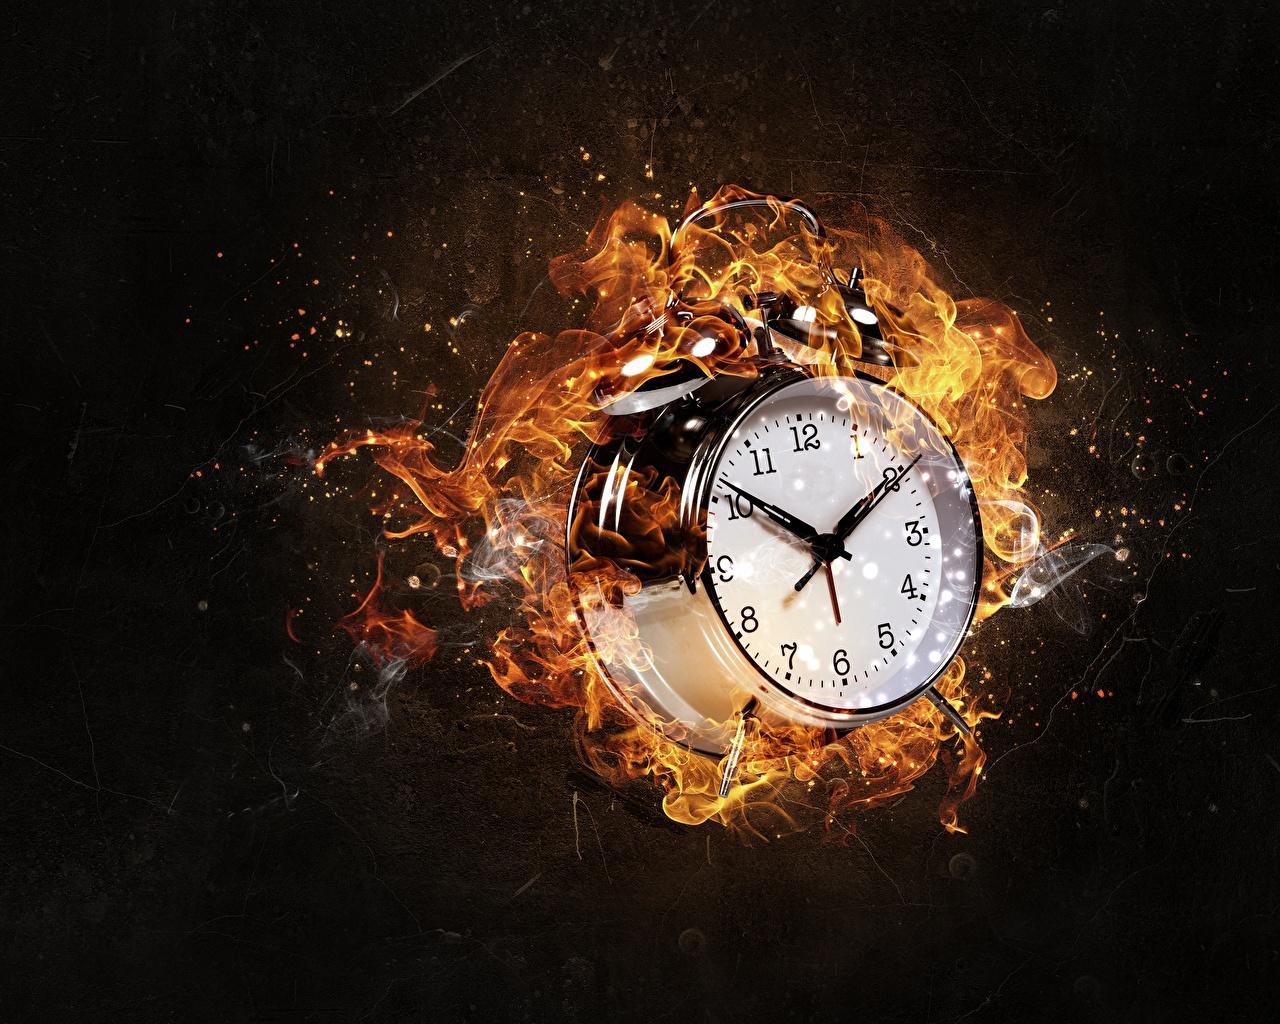 Immagine Orologio fiamma Sveglia Quadrante orologio Sfondo nero Fuoco